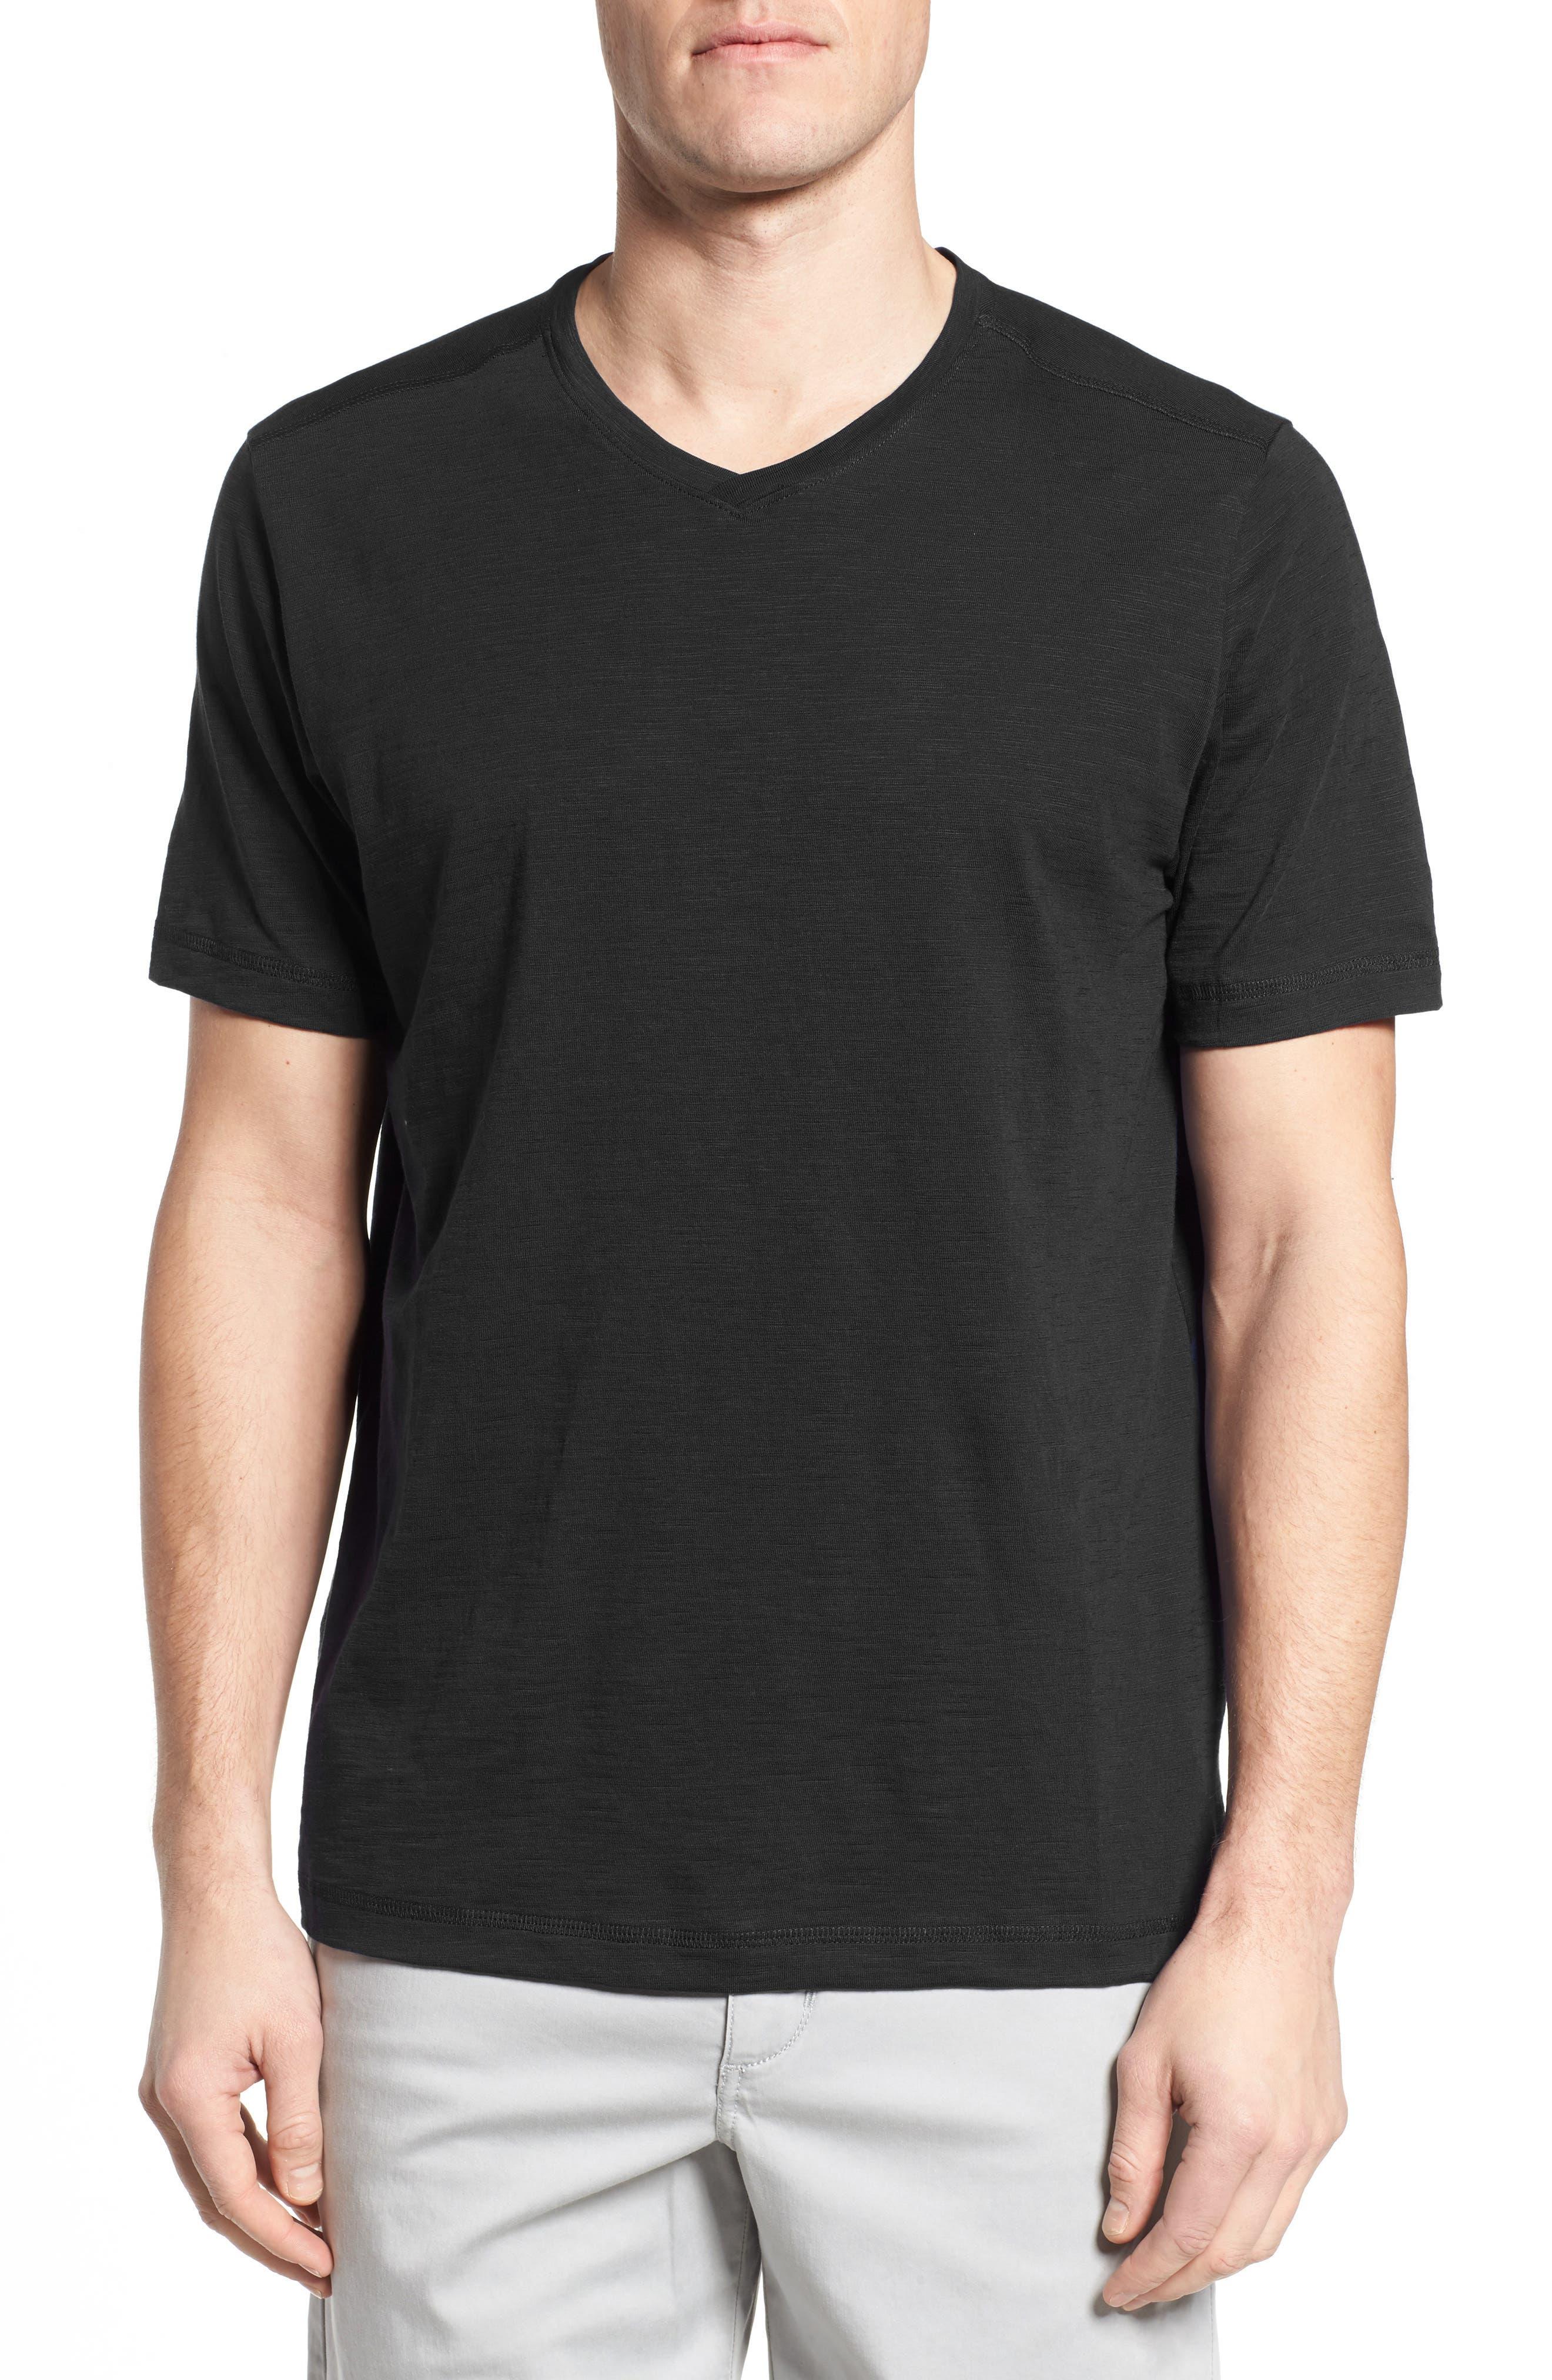 Alternate Image 1 Selected - Tommy Bahama Portside Palms V-Neck T-Shirt